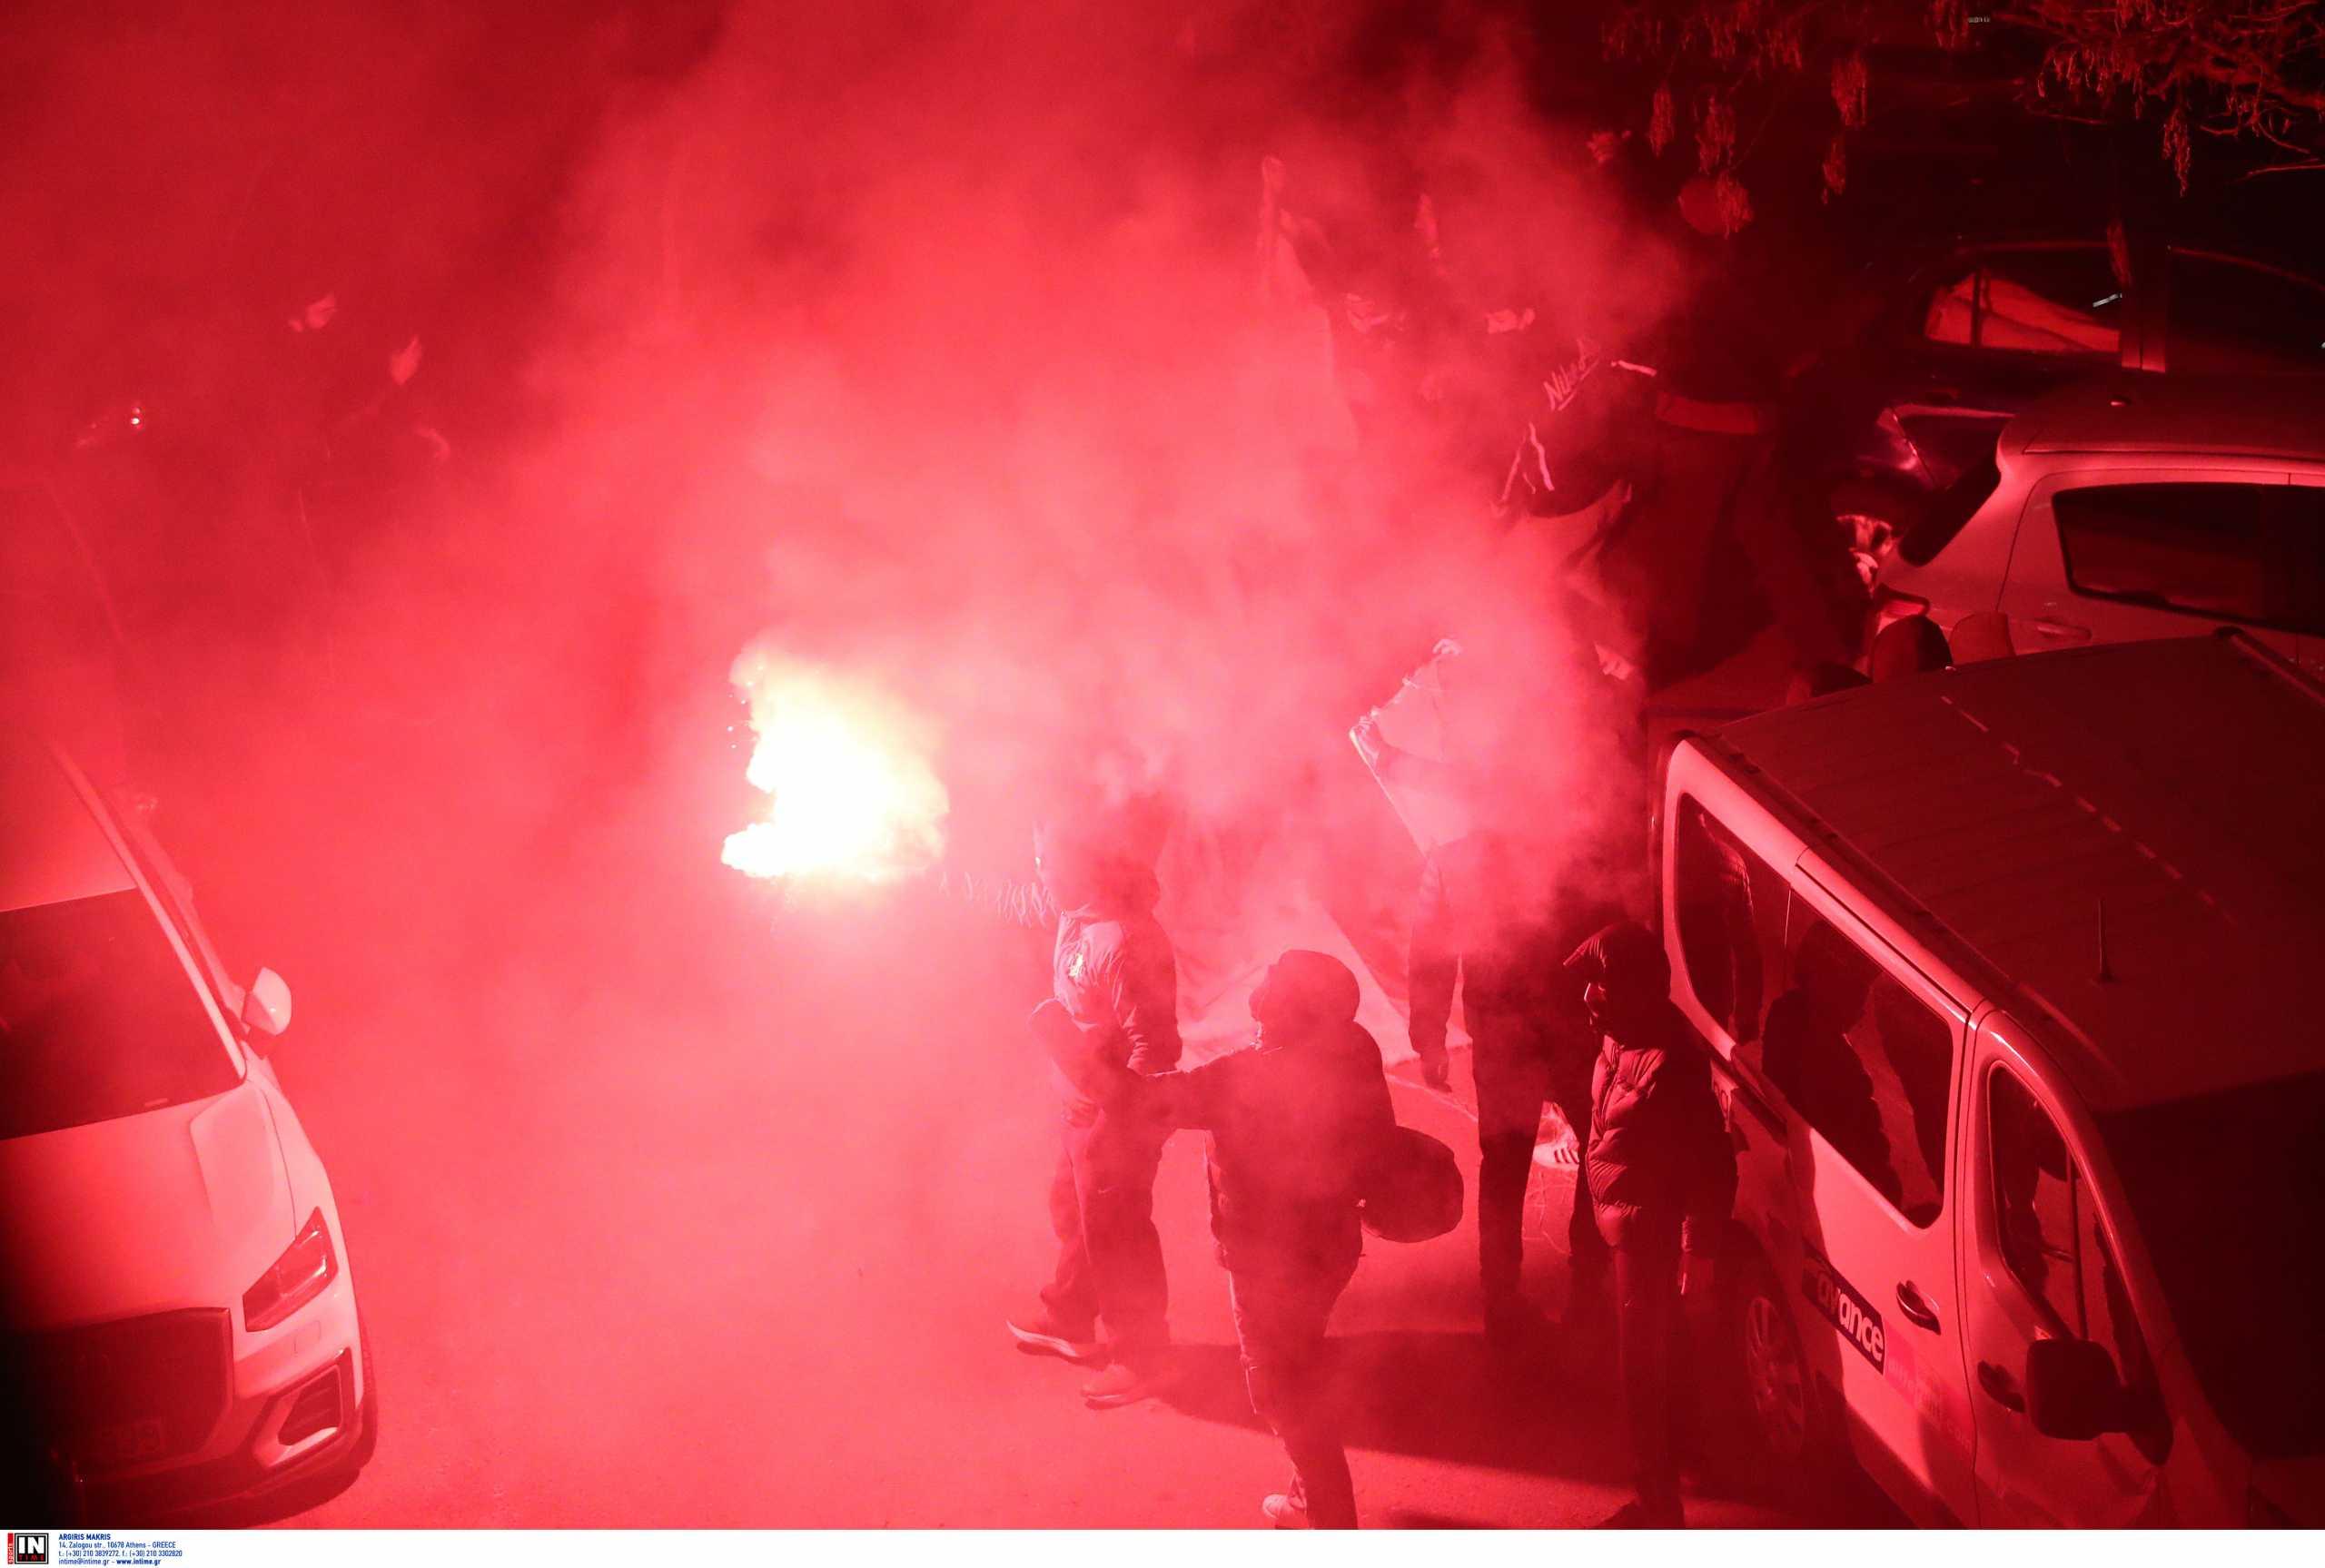 Οπαδοί της ΑΕΚ κατά παικτών: «Σταματήστε να ξεφτιλίζετε την ομάδα» (pics)